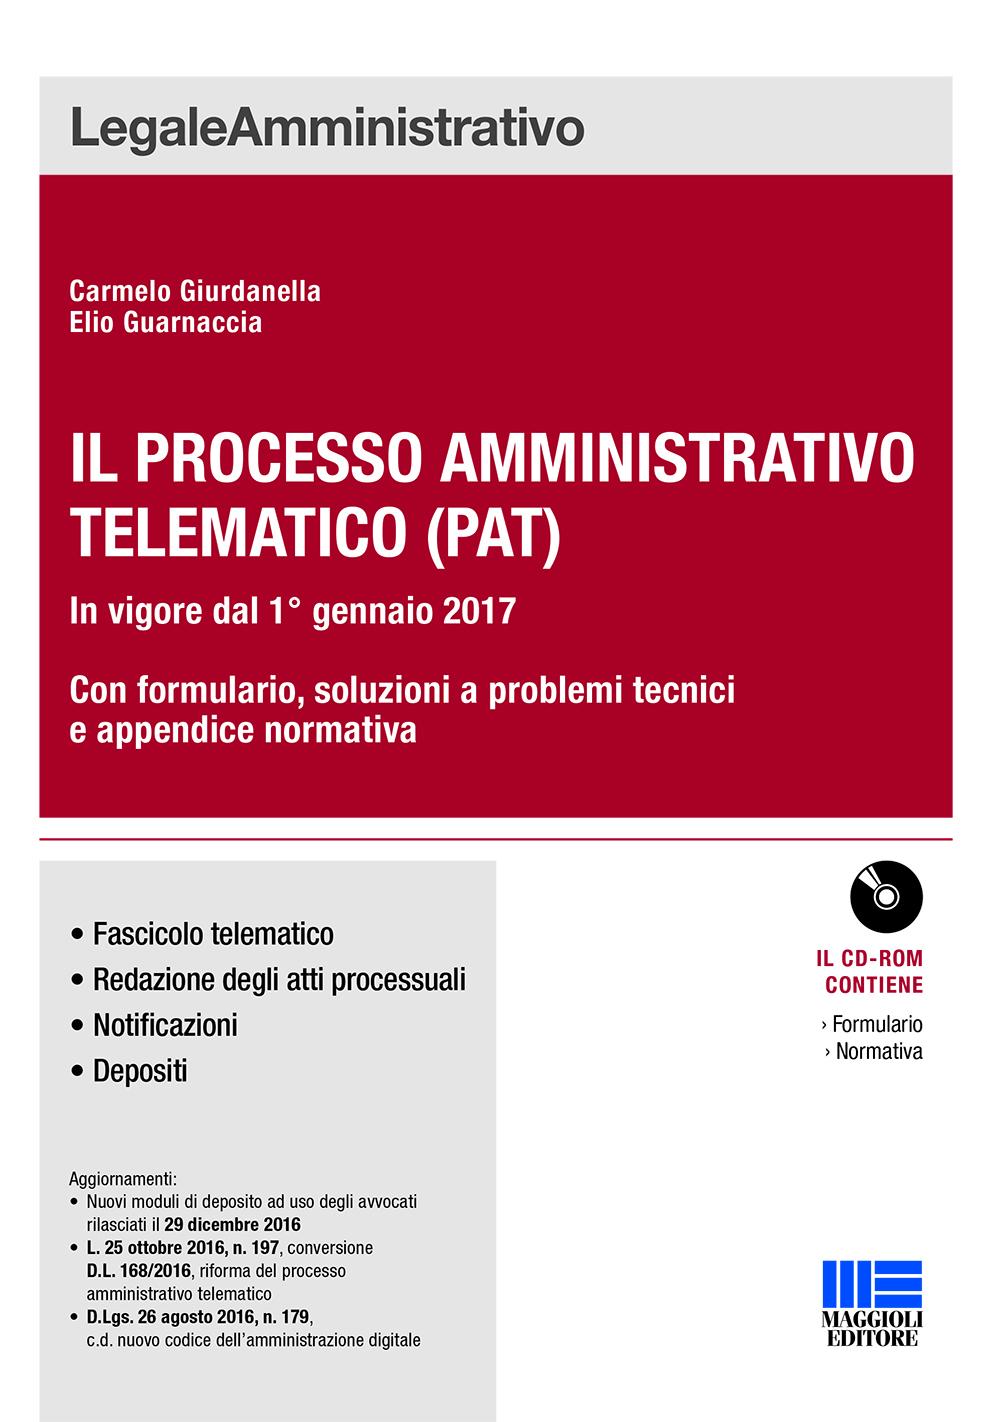 processo amministrativo telematico - Libri. Il processo amministrativo telematico (Pat)